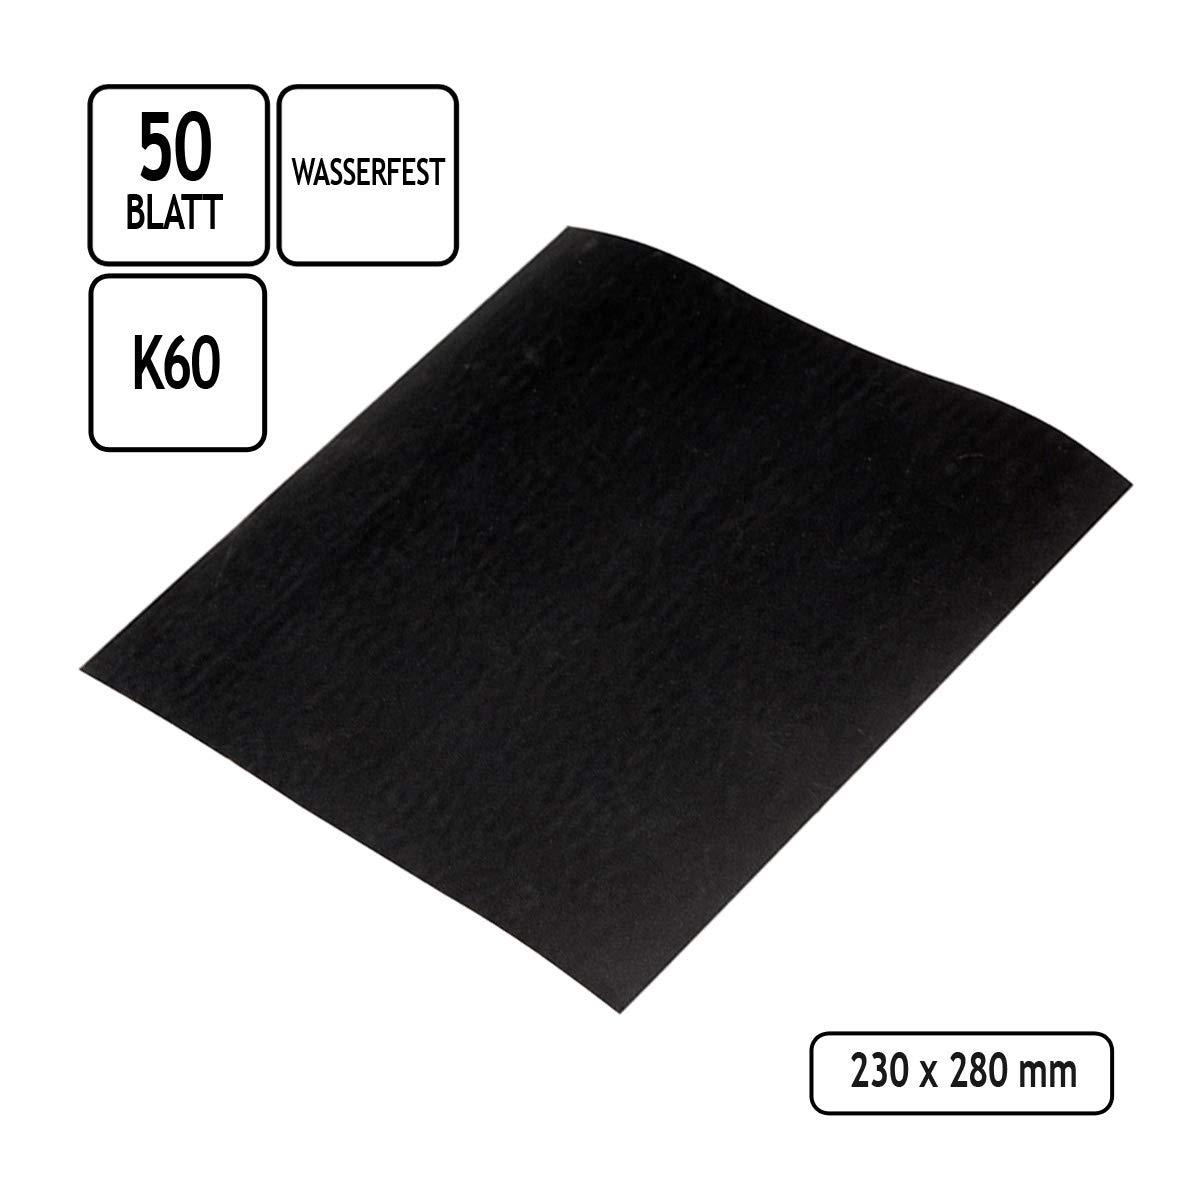 50 Blatt Schleifpapier wasserfest Korn 60 Nassschleifpapier Schleifbogen